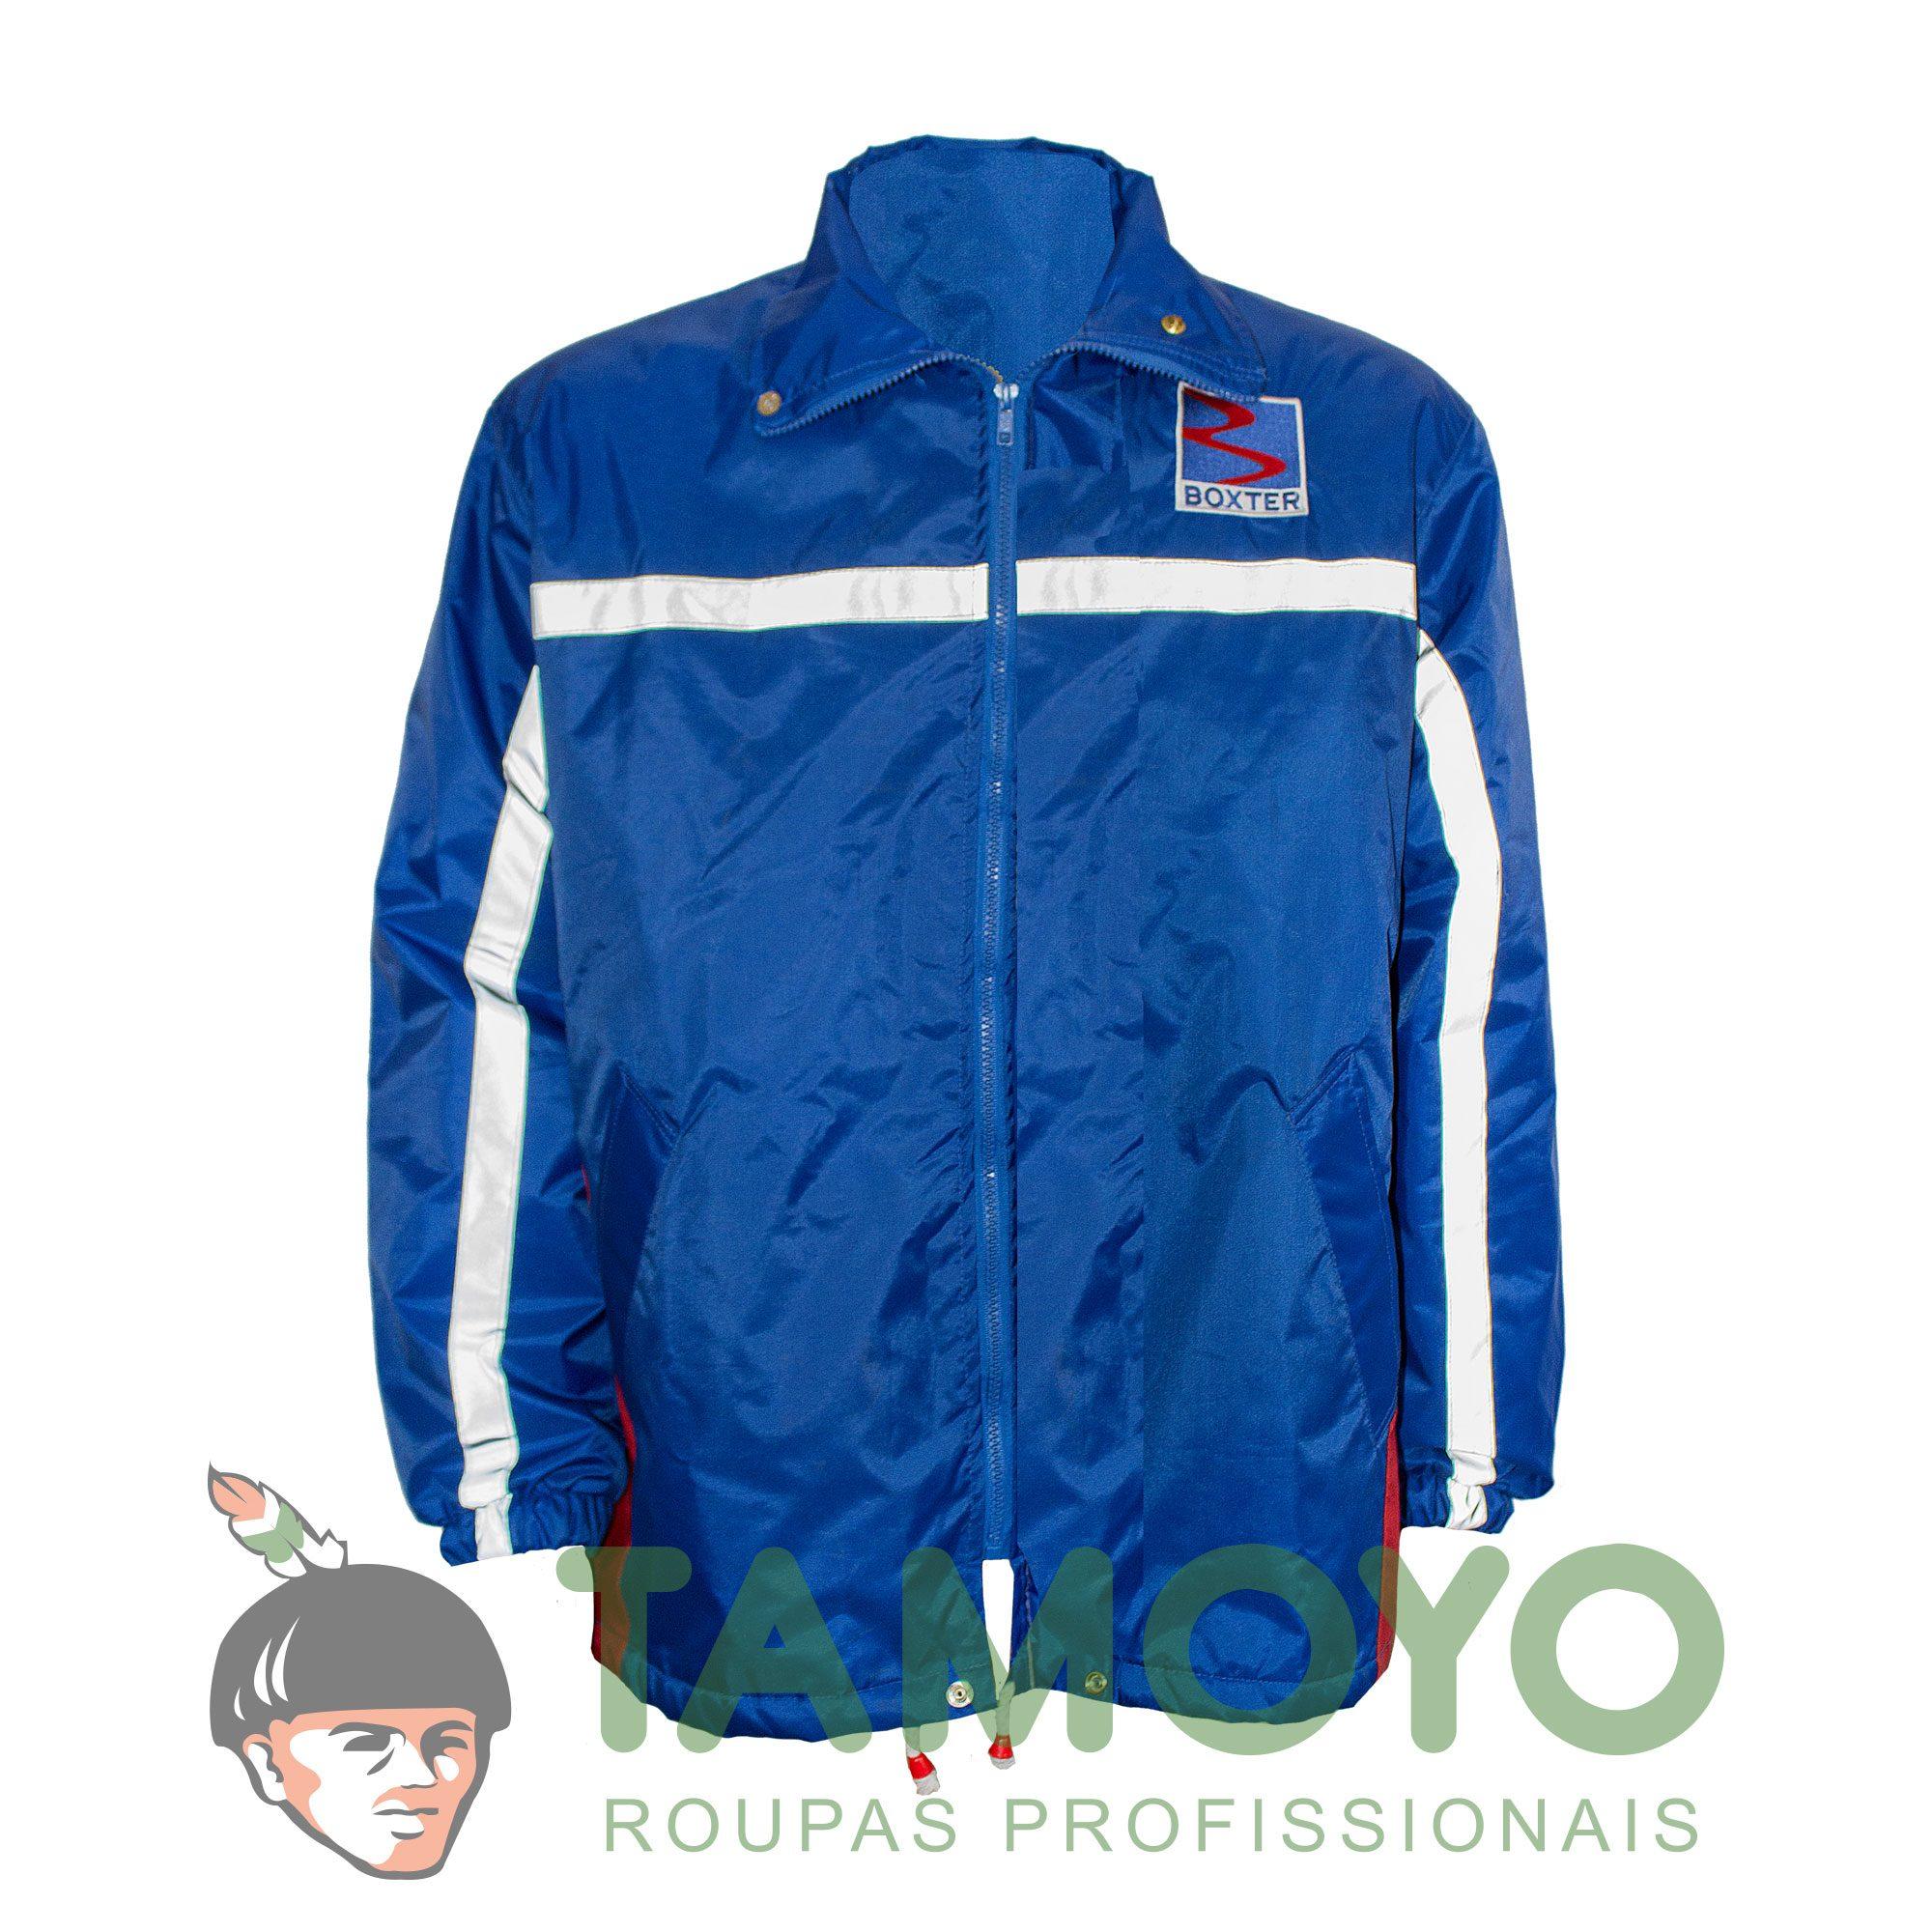 jaqueta-boxter-roupas-tamoyo-uniformes-profissionais-f